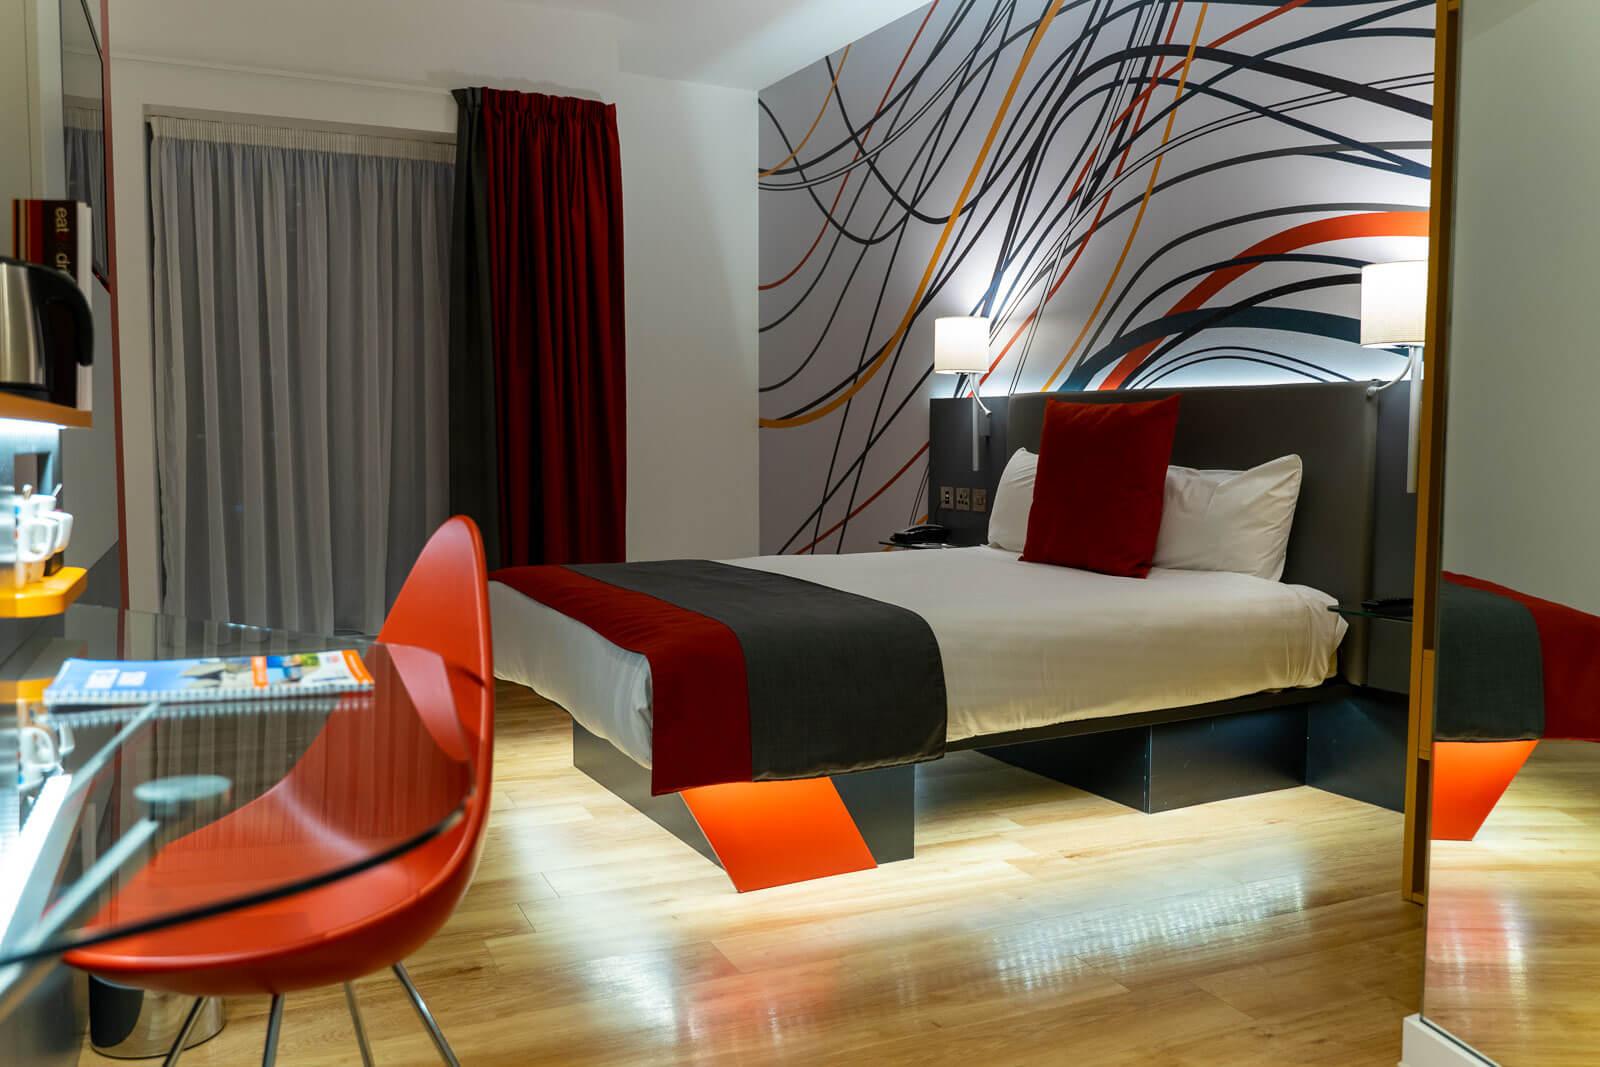 Sleeperz Hotel Room